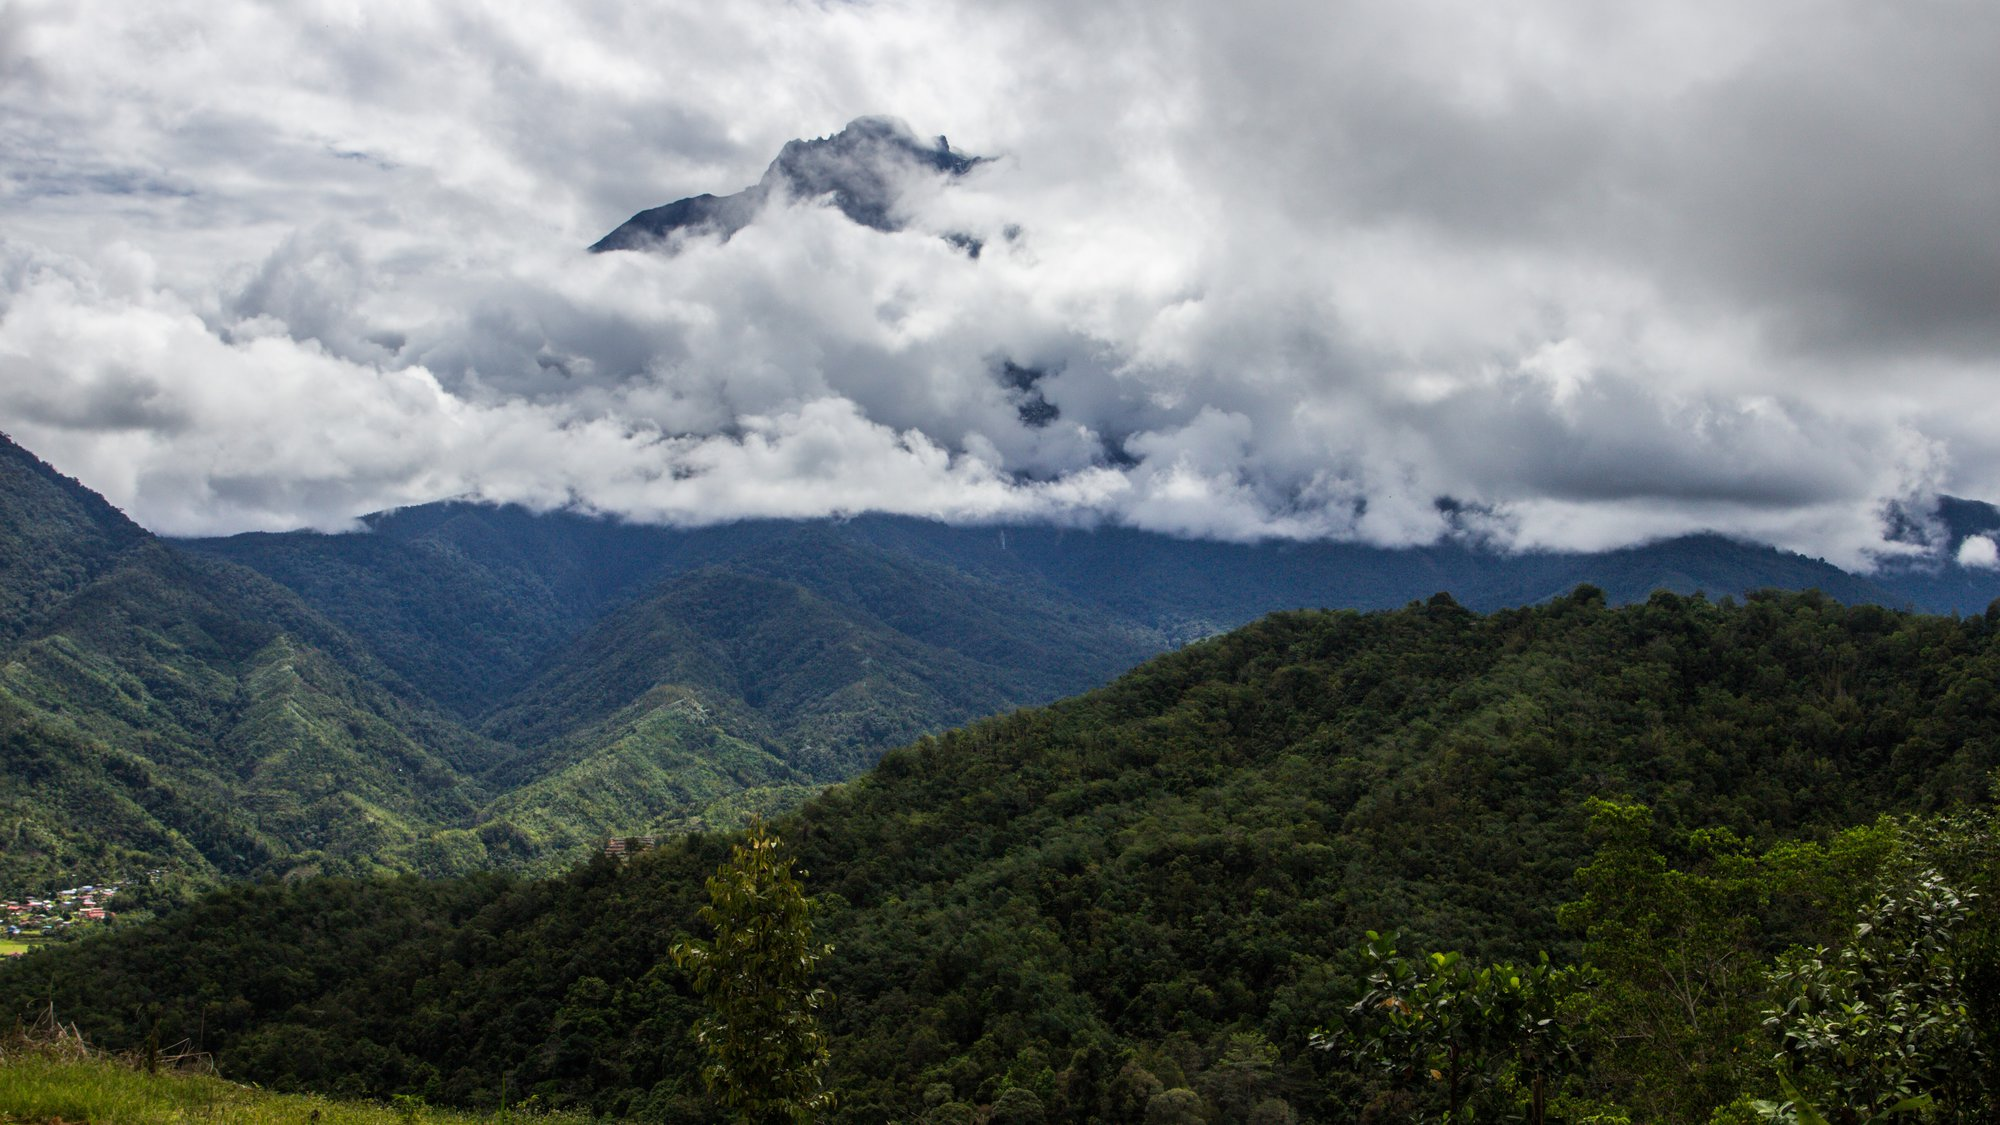 národní park Kinabalu a Mount Kinabalu v mracích